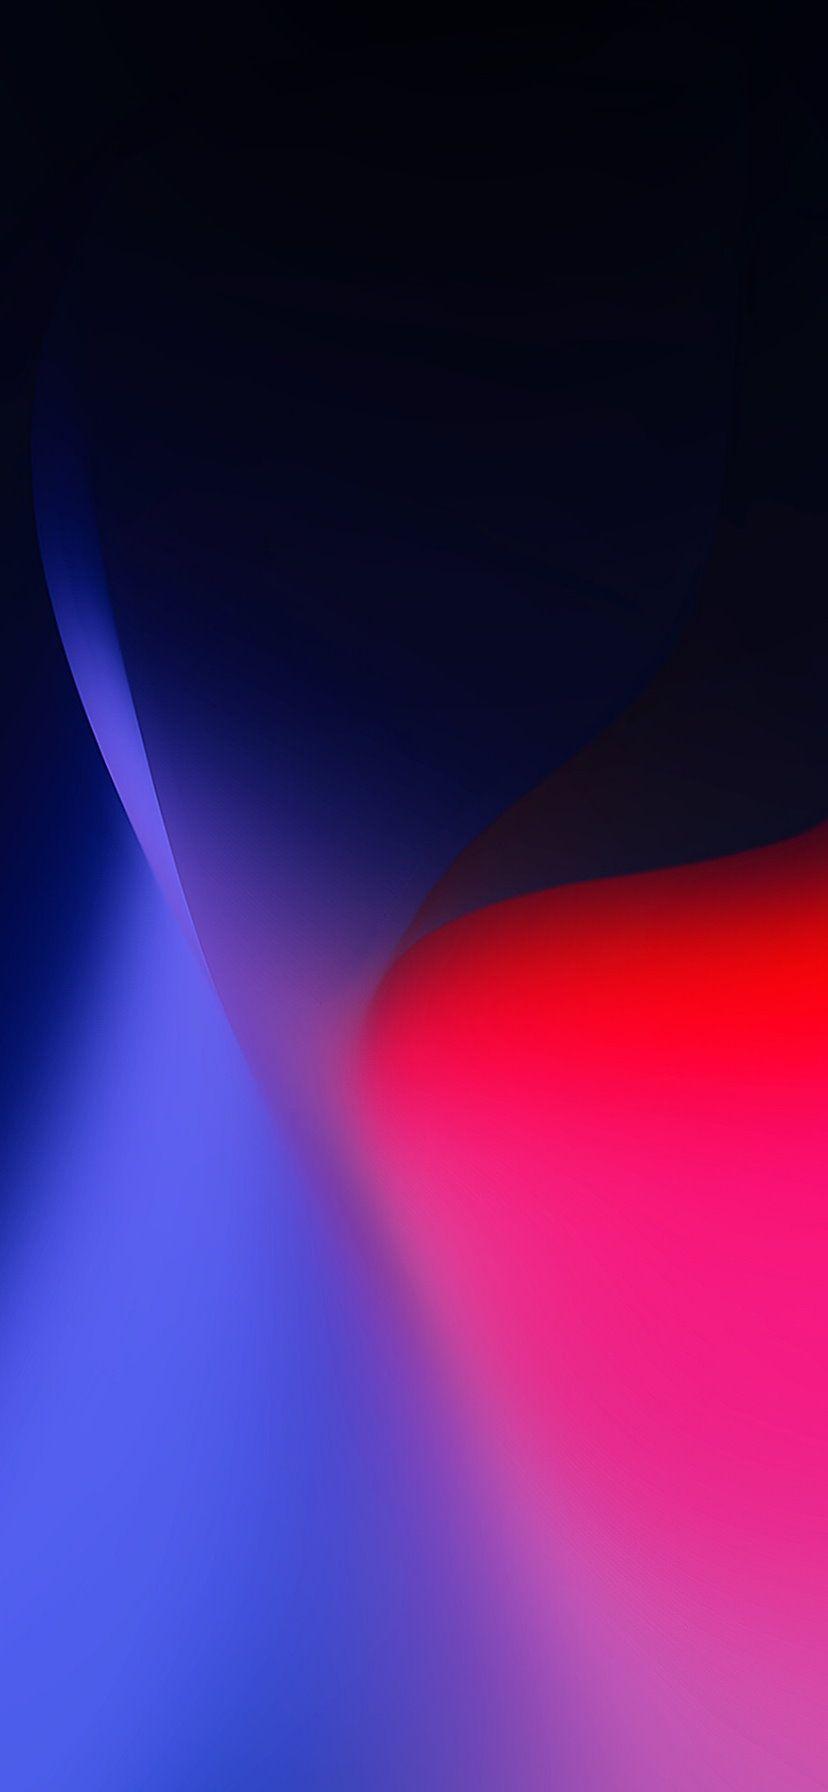 Wallpapers Iphone Xr Fond D Ecran Colore Meilleurs Fonds D Ecran Iphone Fond D Ecran Telephone